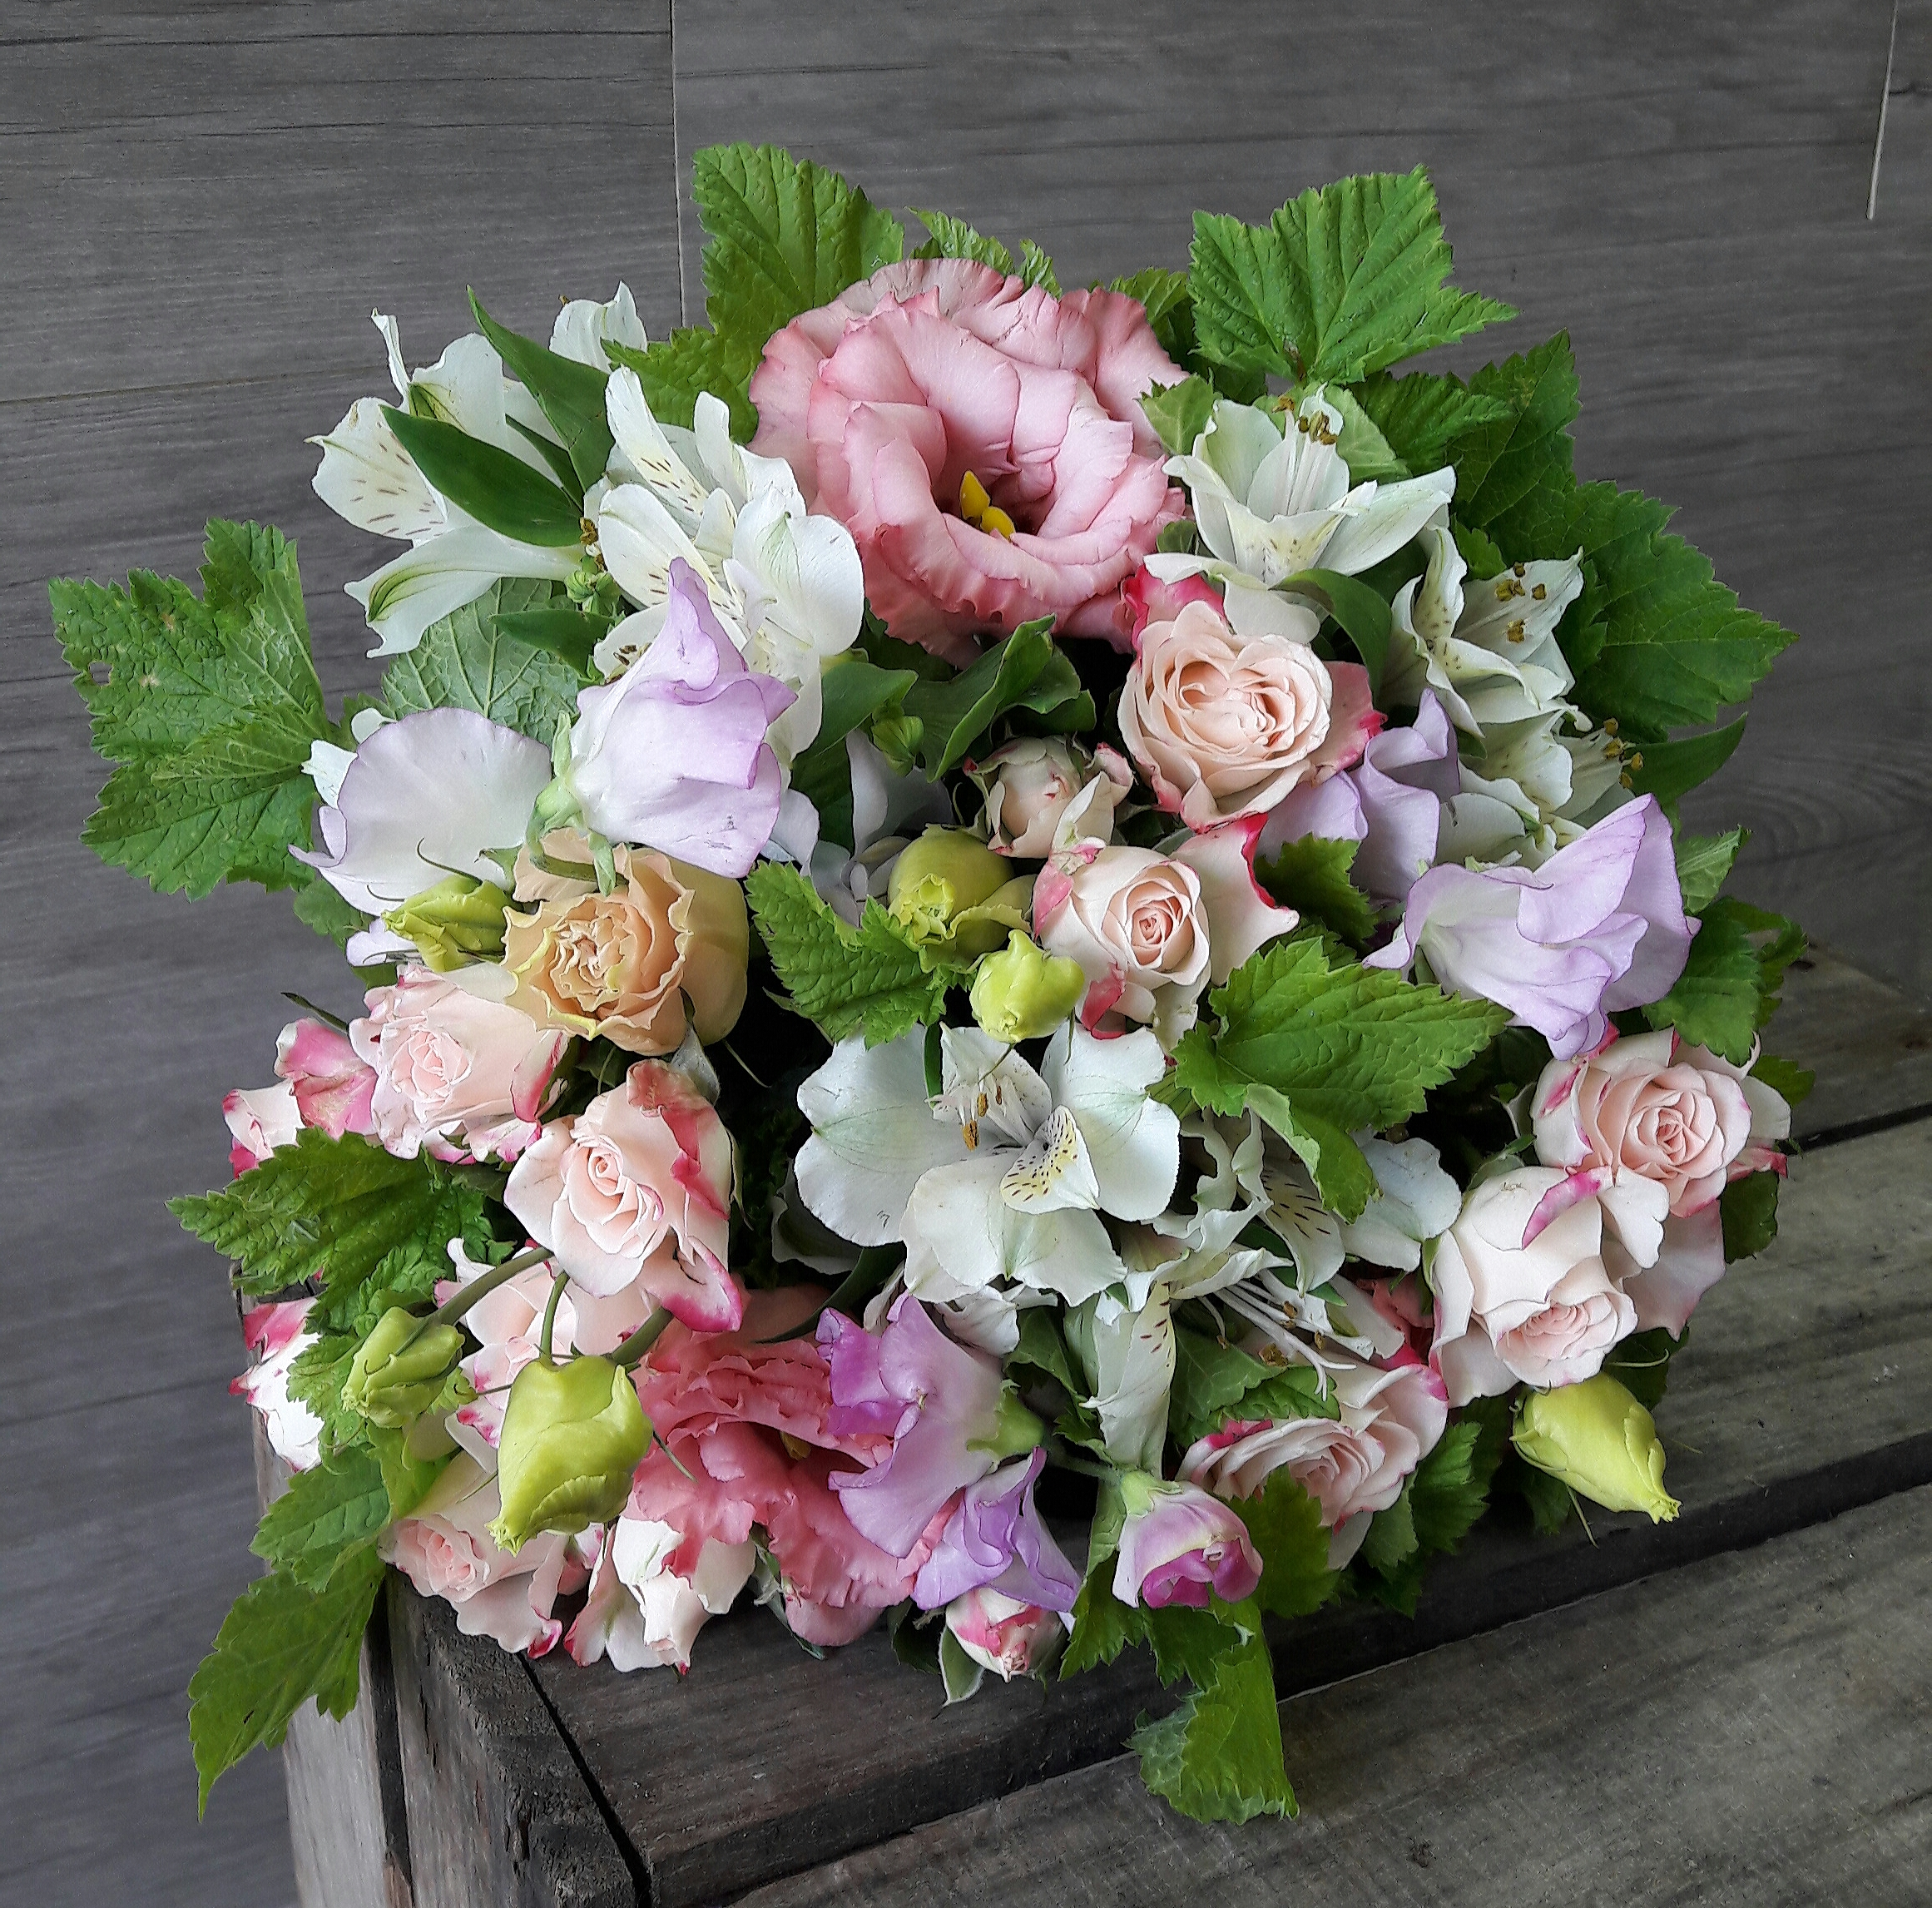 Bouquet de fleurs en direct meilleur prix qualit fleuriste for Envoyer bouquet fleurs